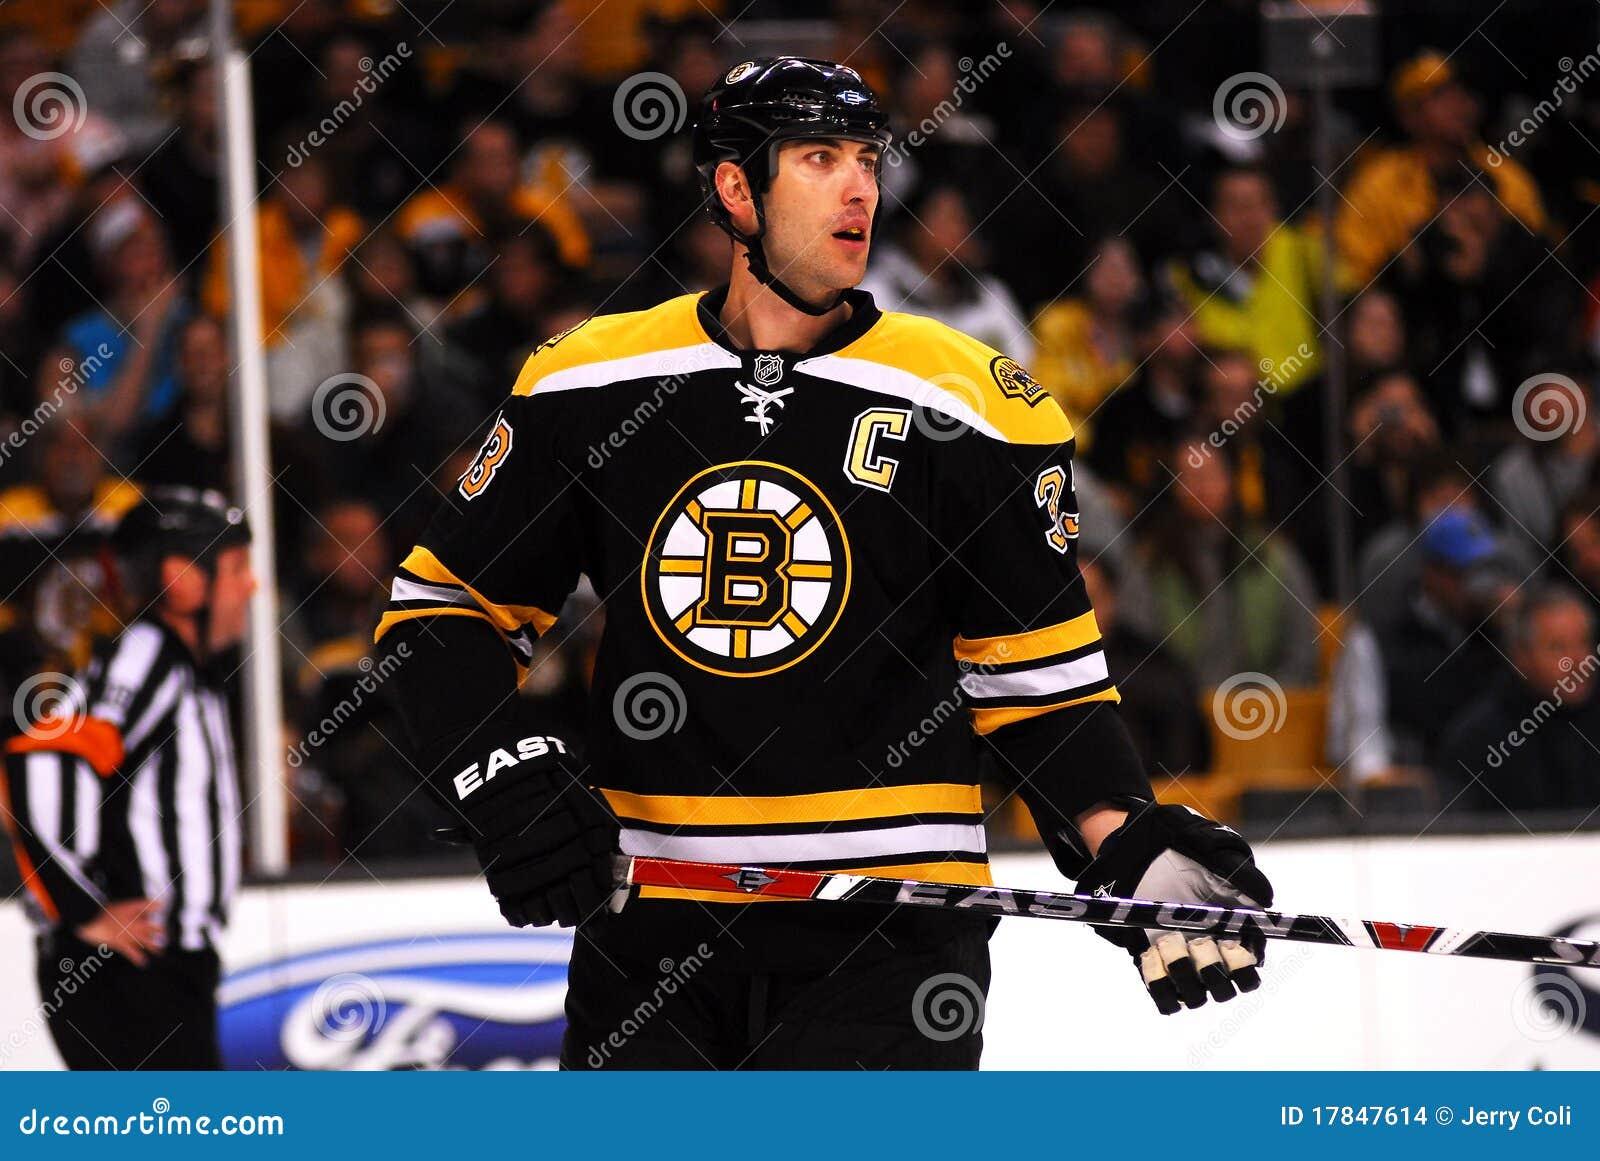 056de885fb2 Zdeno Chara Boston Bruins editorial stock image. Image of stick ...